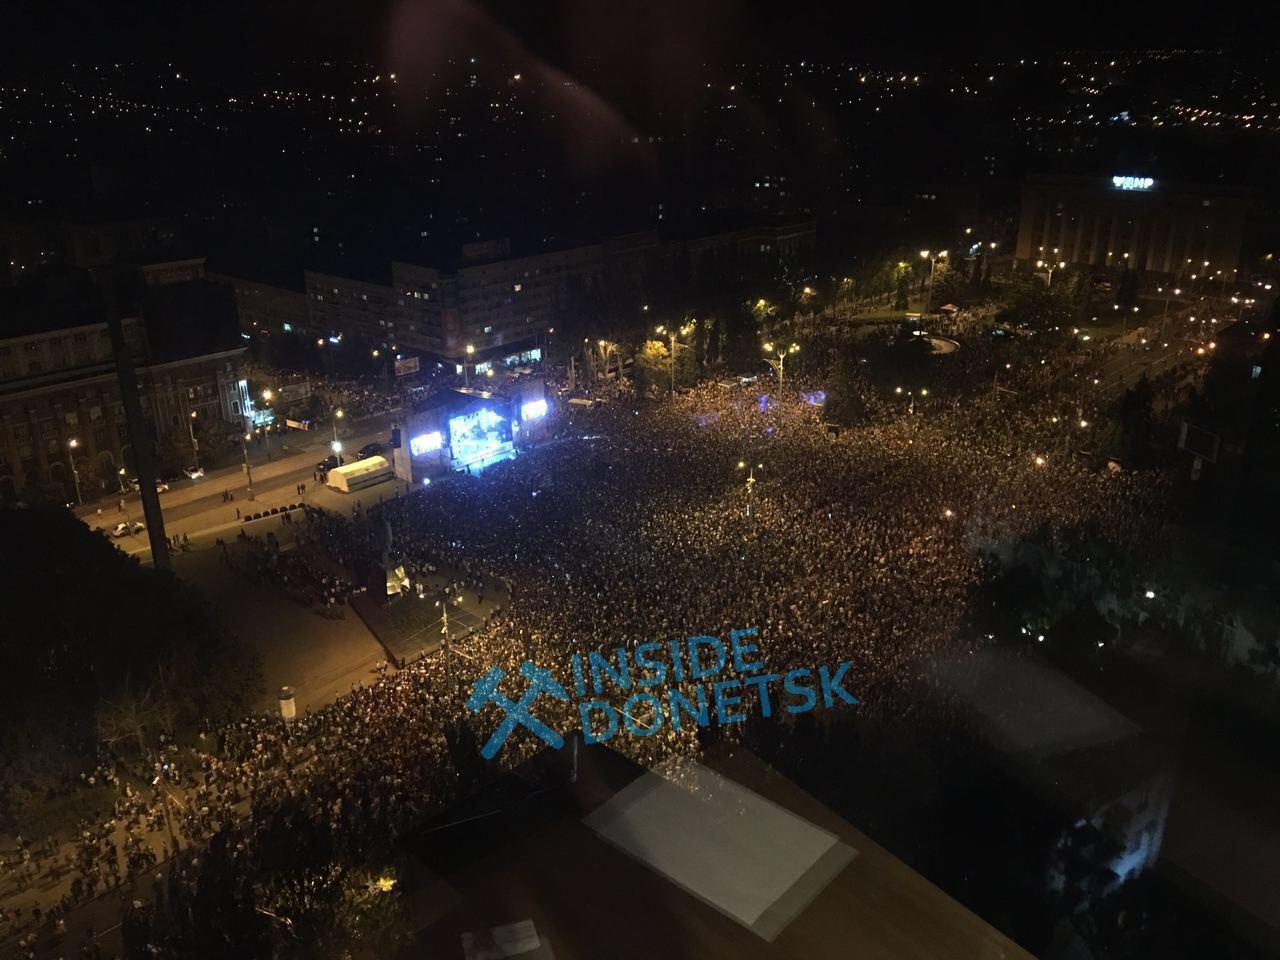 Під час свого концерту в Донецьку Лепс виконав гімн РФ. Telegram-канал Inside Donetsk